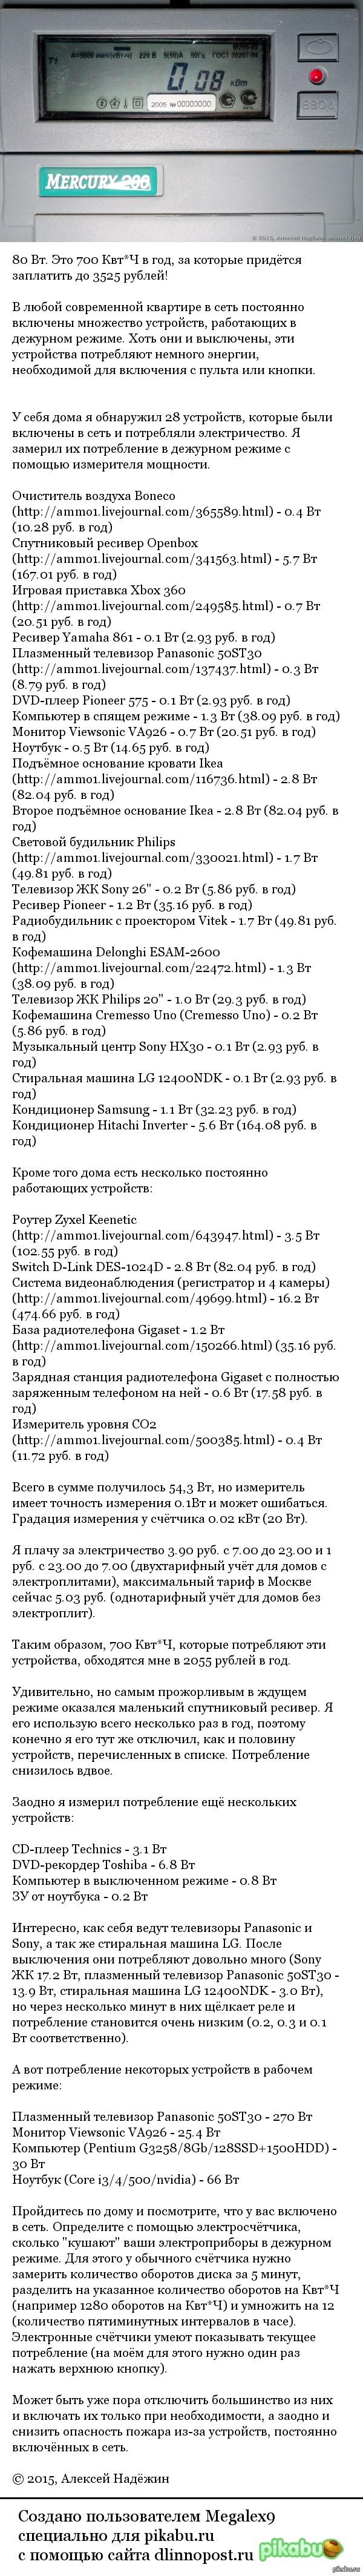 """Мы, все таки платим за них в ответ на пост <a href=""""http://pikabu.ru/story/yekspertyi_podschitali_skolko_yenergii_quottyanetquot_zabyitaya_v_rozetke_zaryadka_dlya_mobilnika_3737987"""">http://pikabu.ru/story/_3737987</a>"""